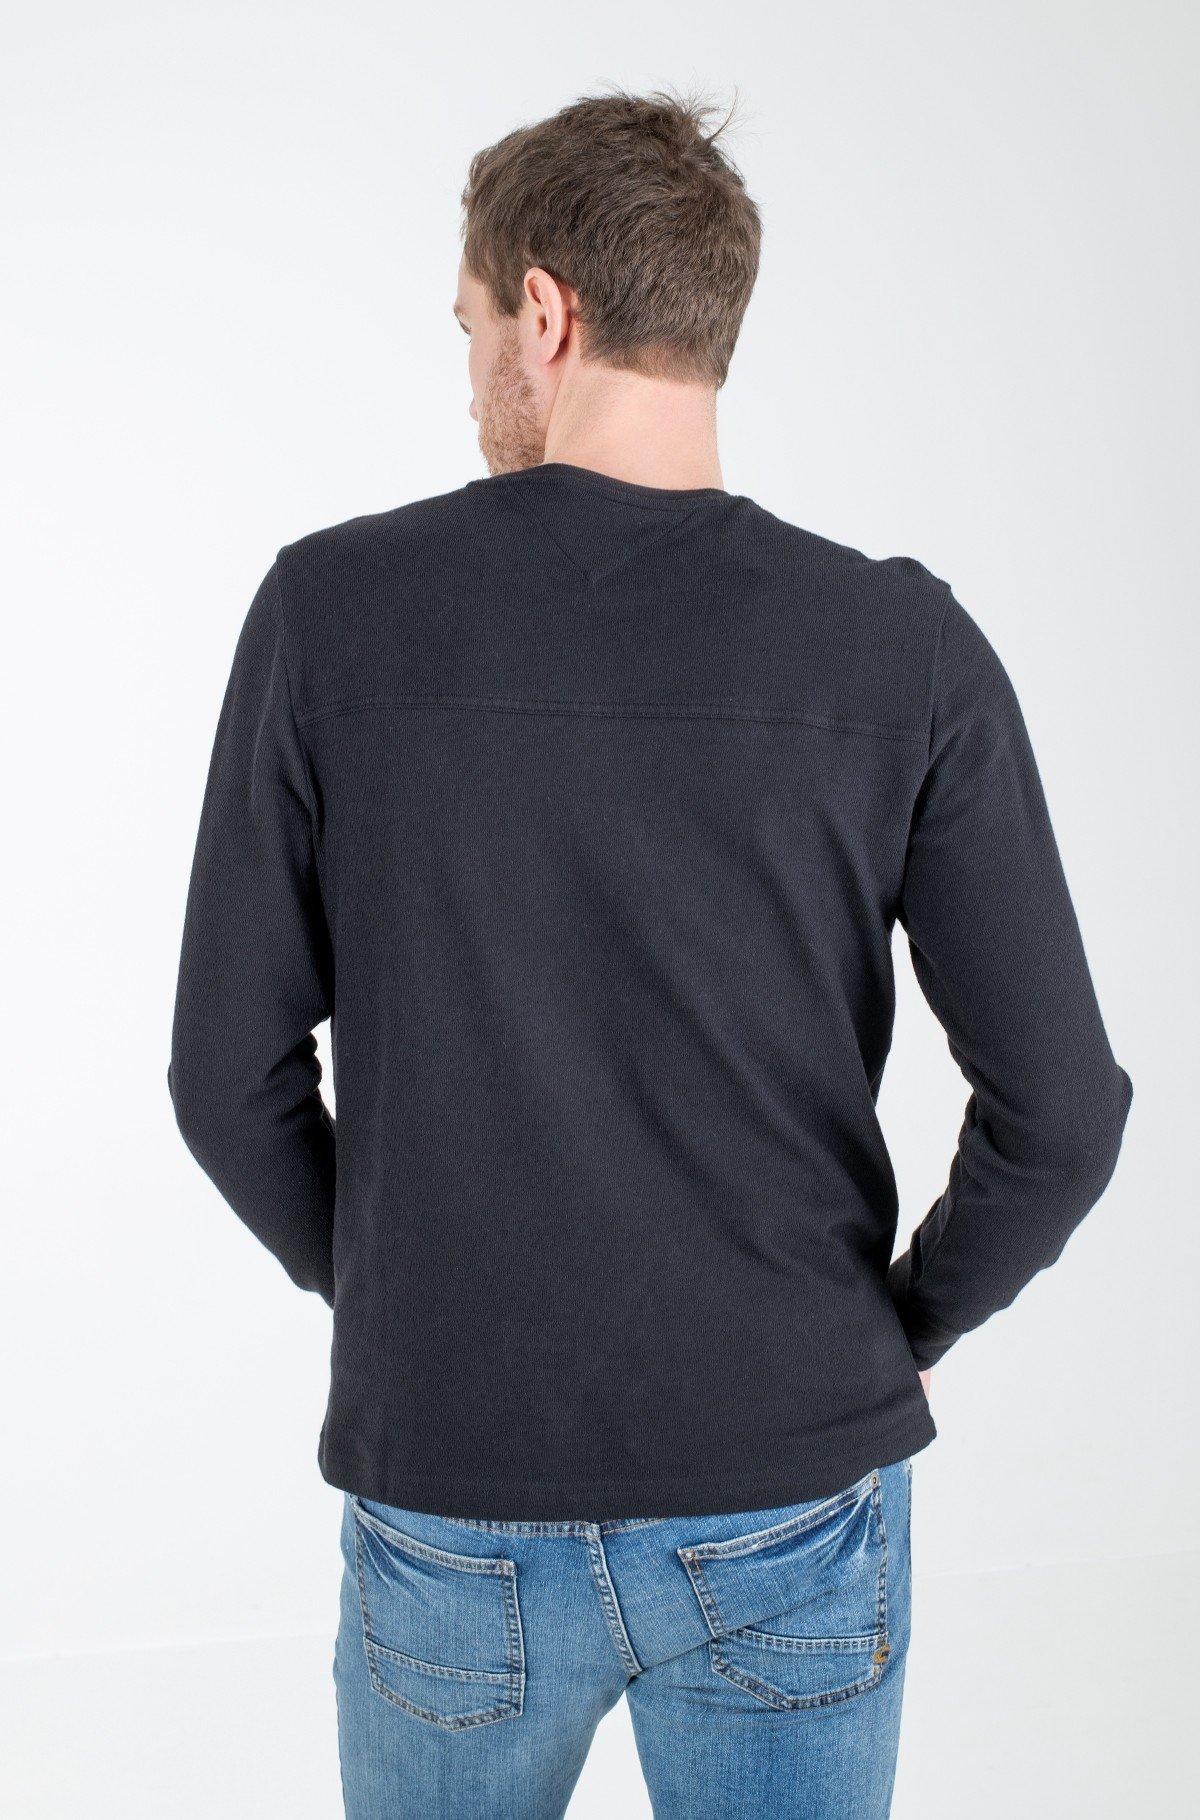 T-krekls ar garām piedurknēm  TJM FRONT SEAM DETAIL TEE-full-2